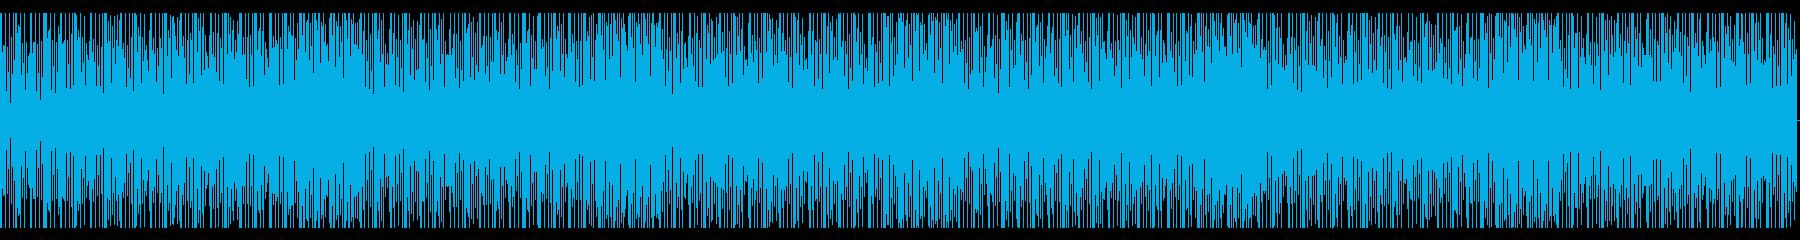 未来的なイメージのエレクトロの再生済みの波形